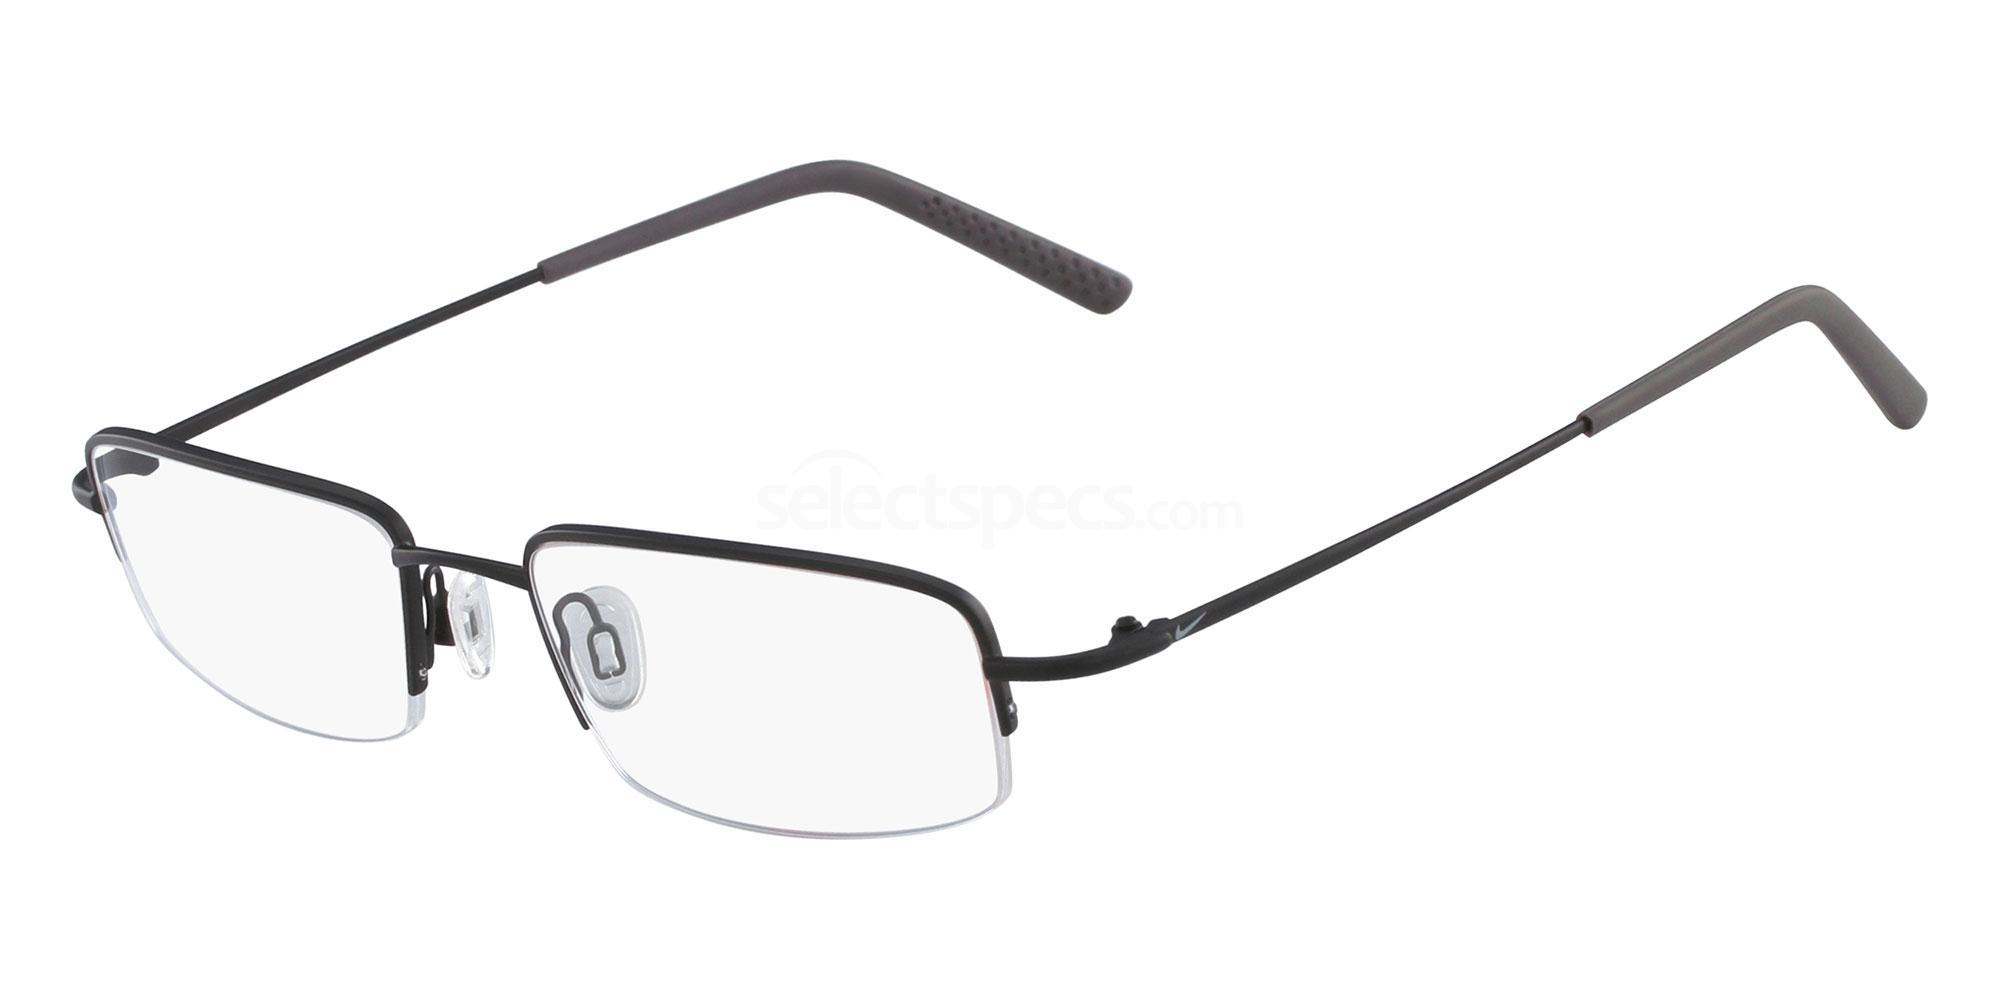 001 NIKE 8179 Glasses, Nike